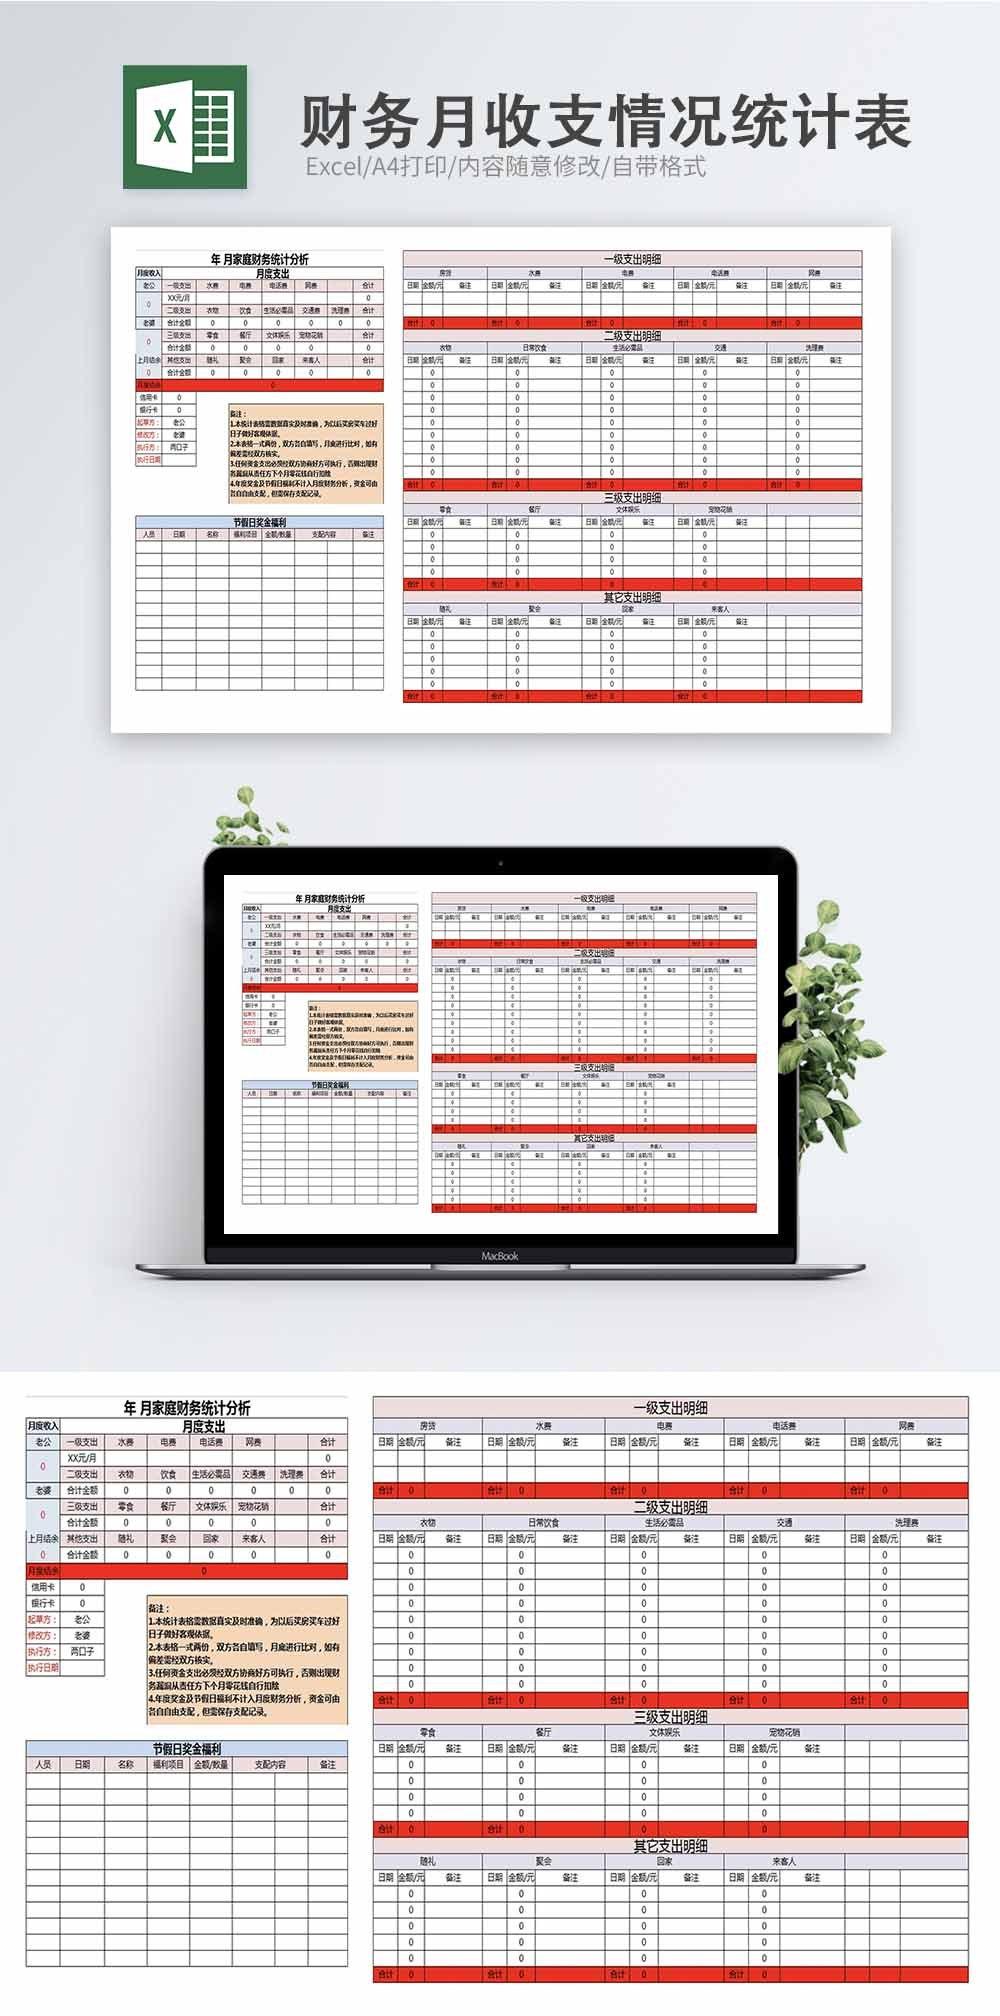 财务月收支情况统计表Excel模板图片